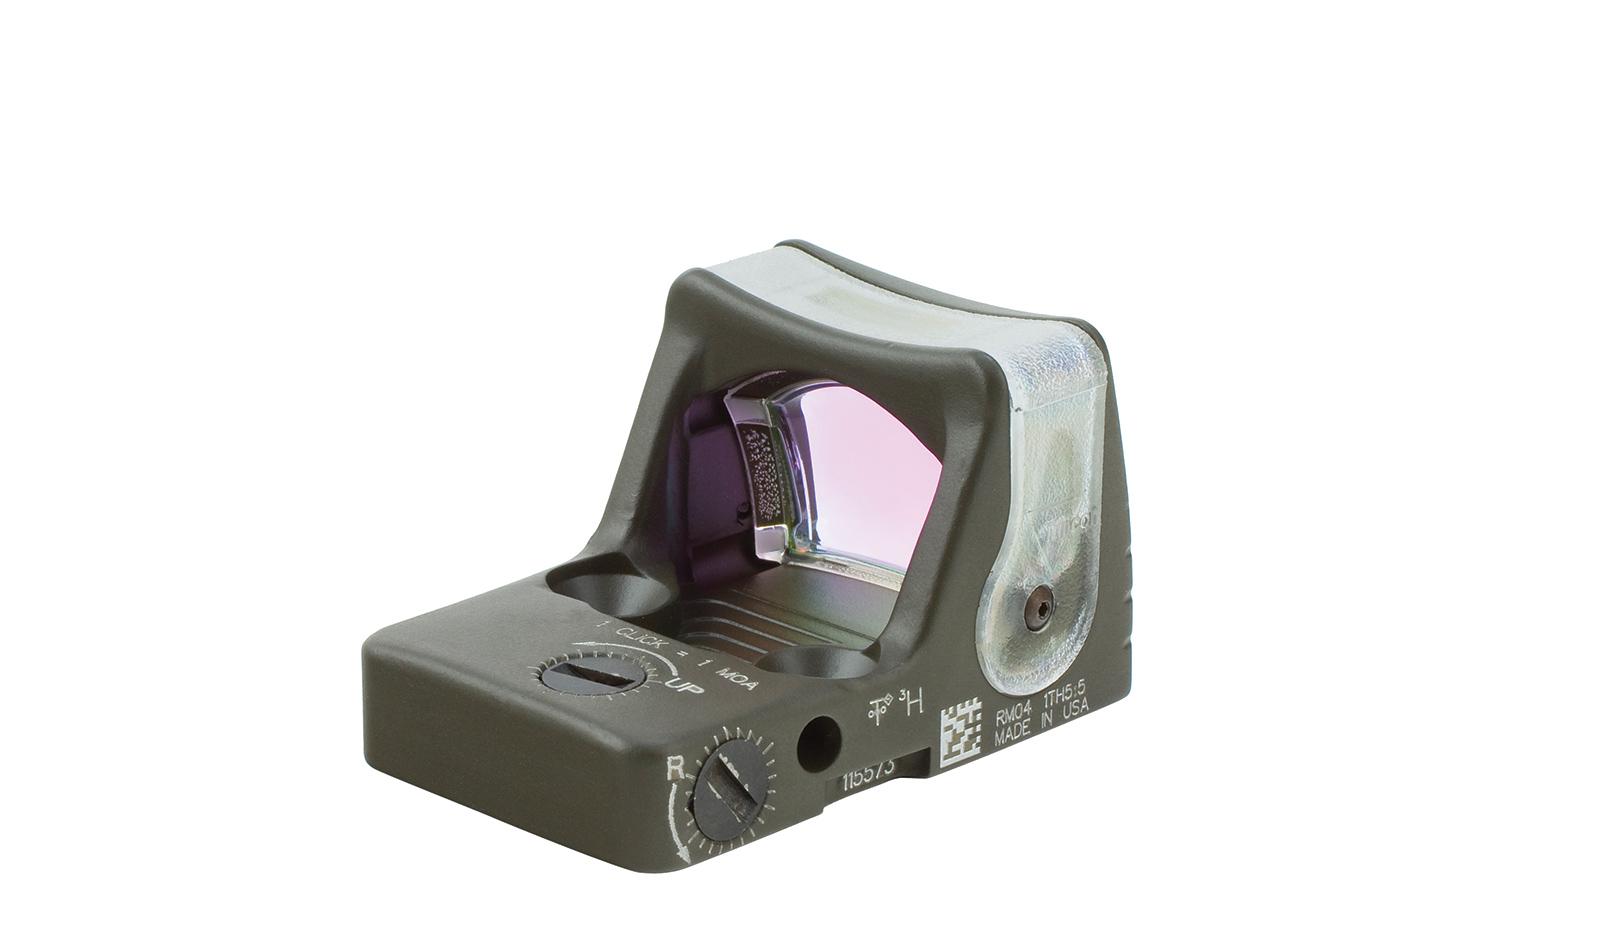 RM03-C-700143 angle 5